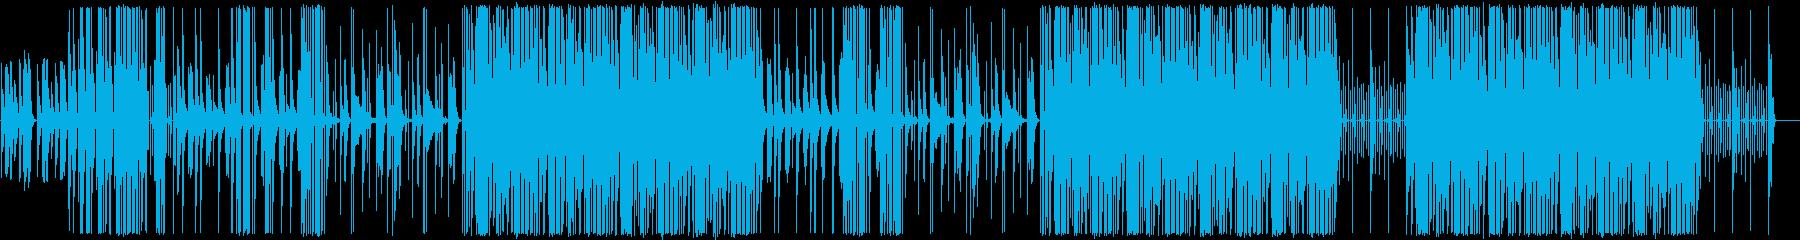 トラップ/ヒップホップ/怪しい/ゲームの再生済みの波形